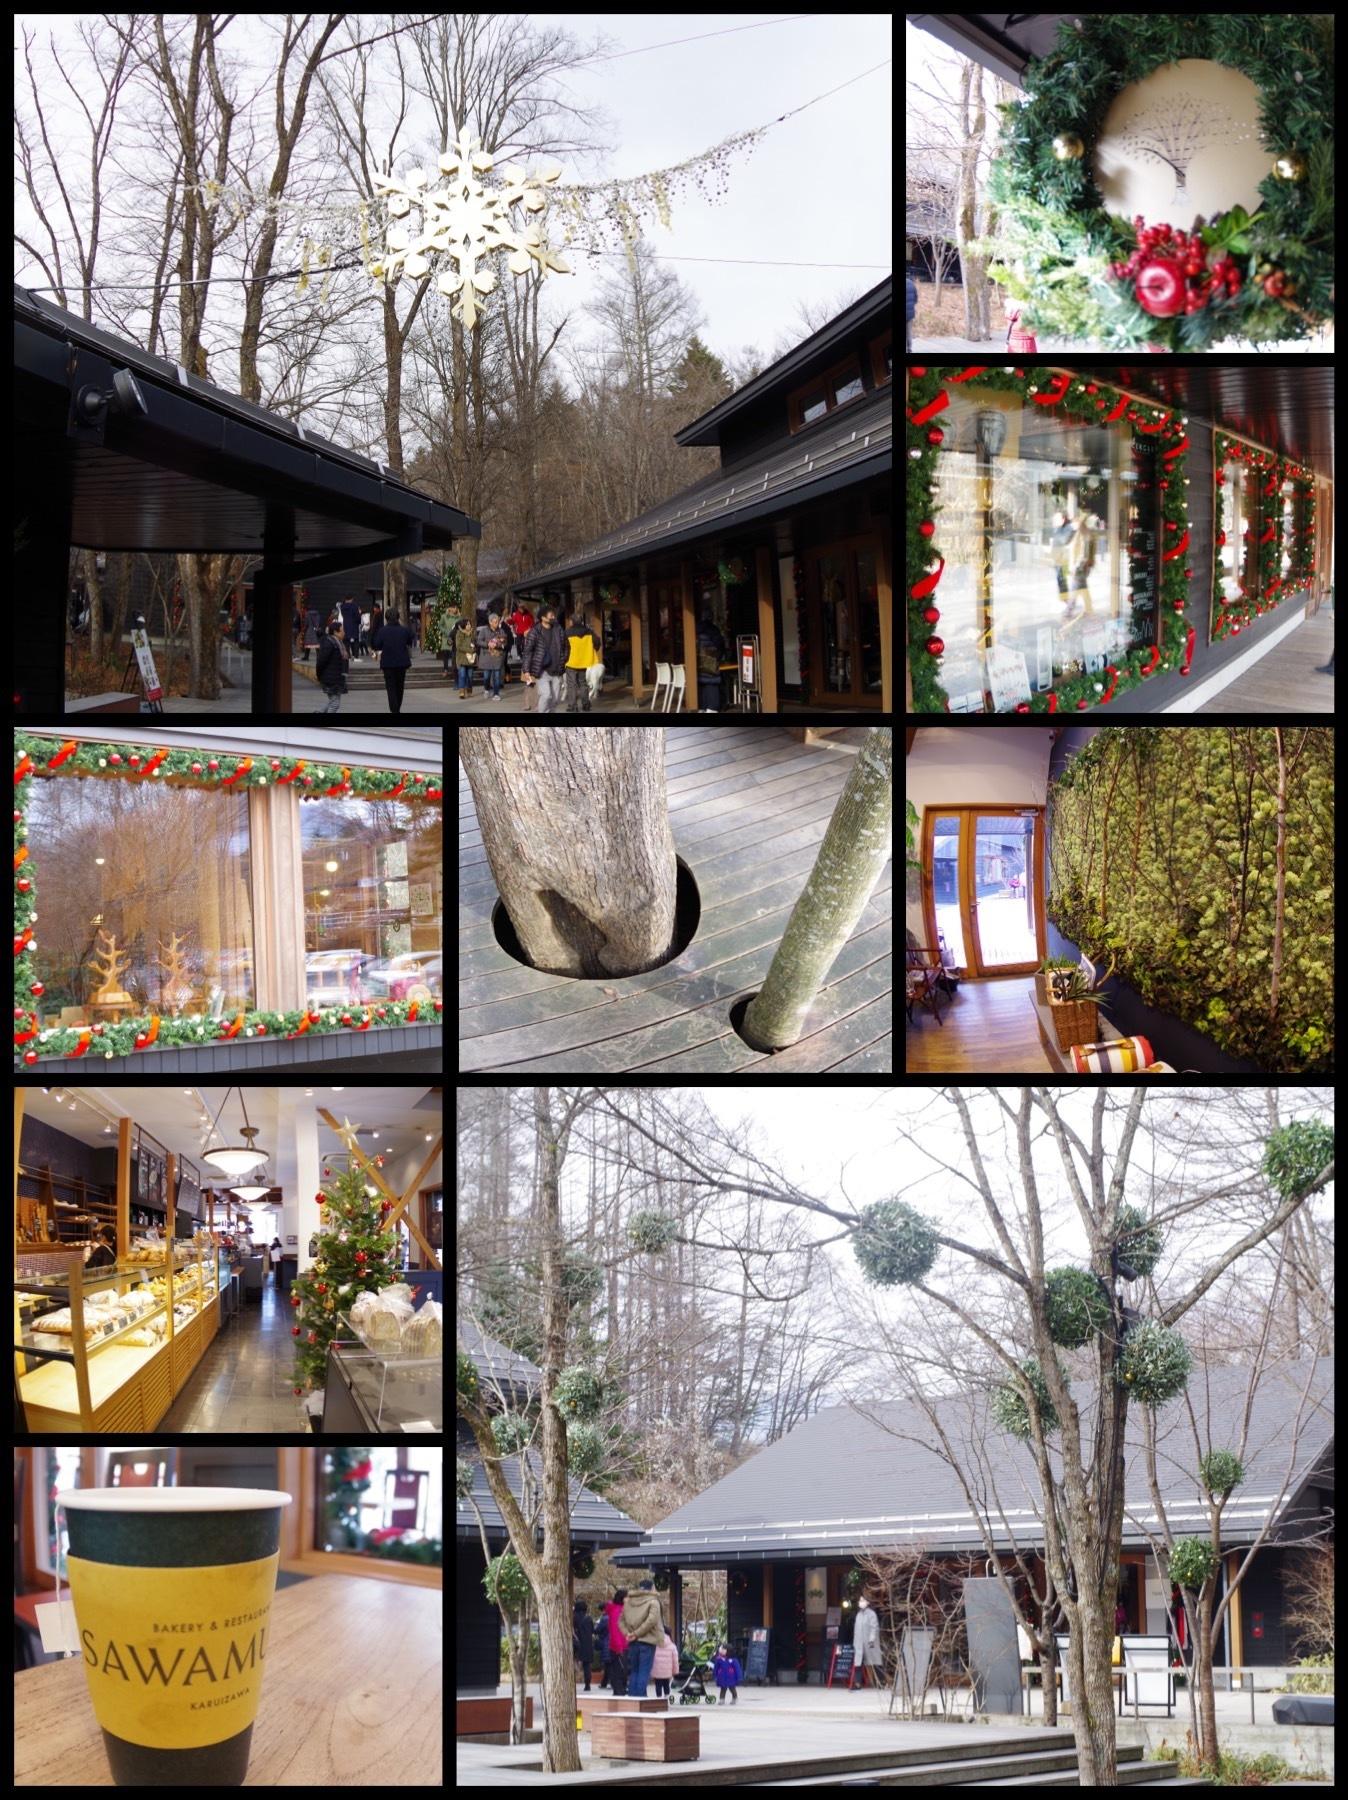 軽井沢 星のリゾート ハルニレテラス クリスマス ベーカリー沢村